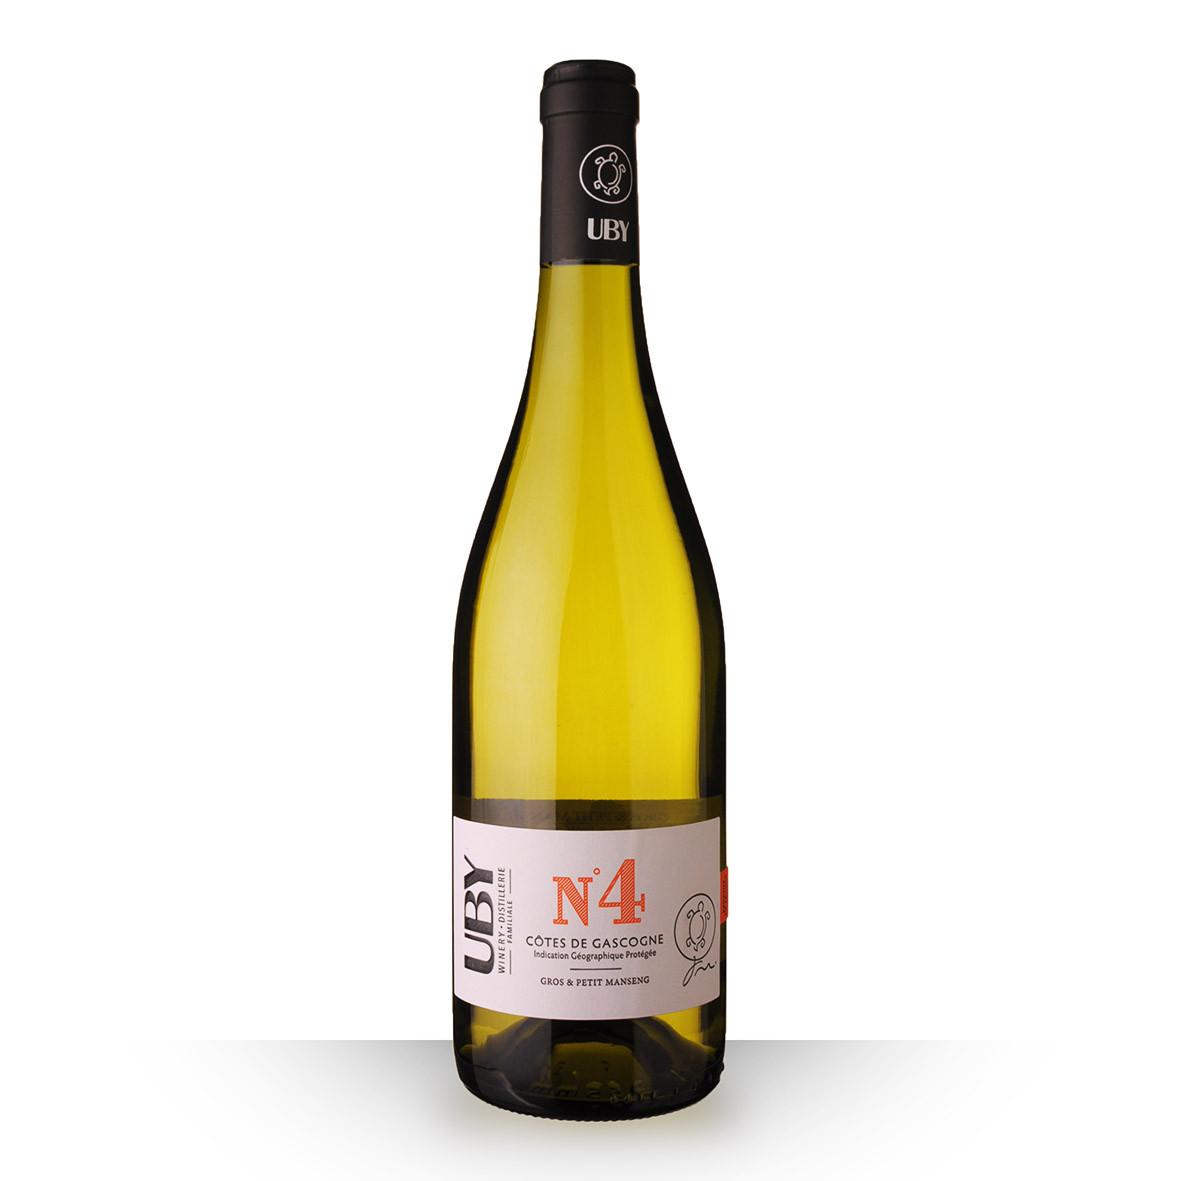 Uby N°4 Gros et Petit Manseng Côtes de Gascogne Blanc 75cl www.odyssee-vins.com